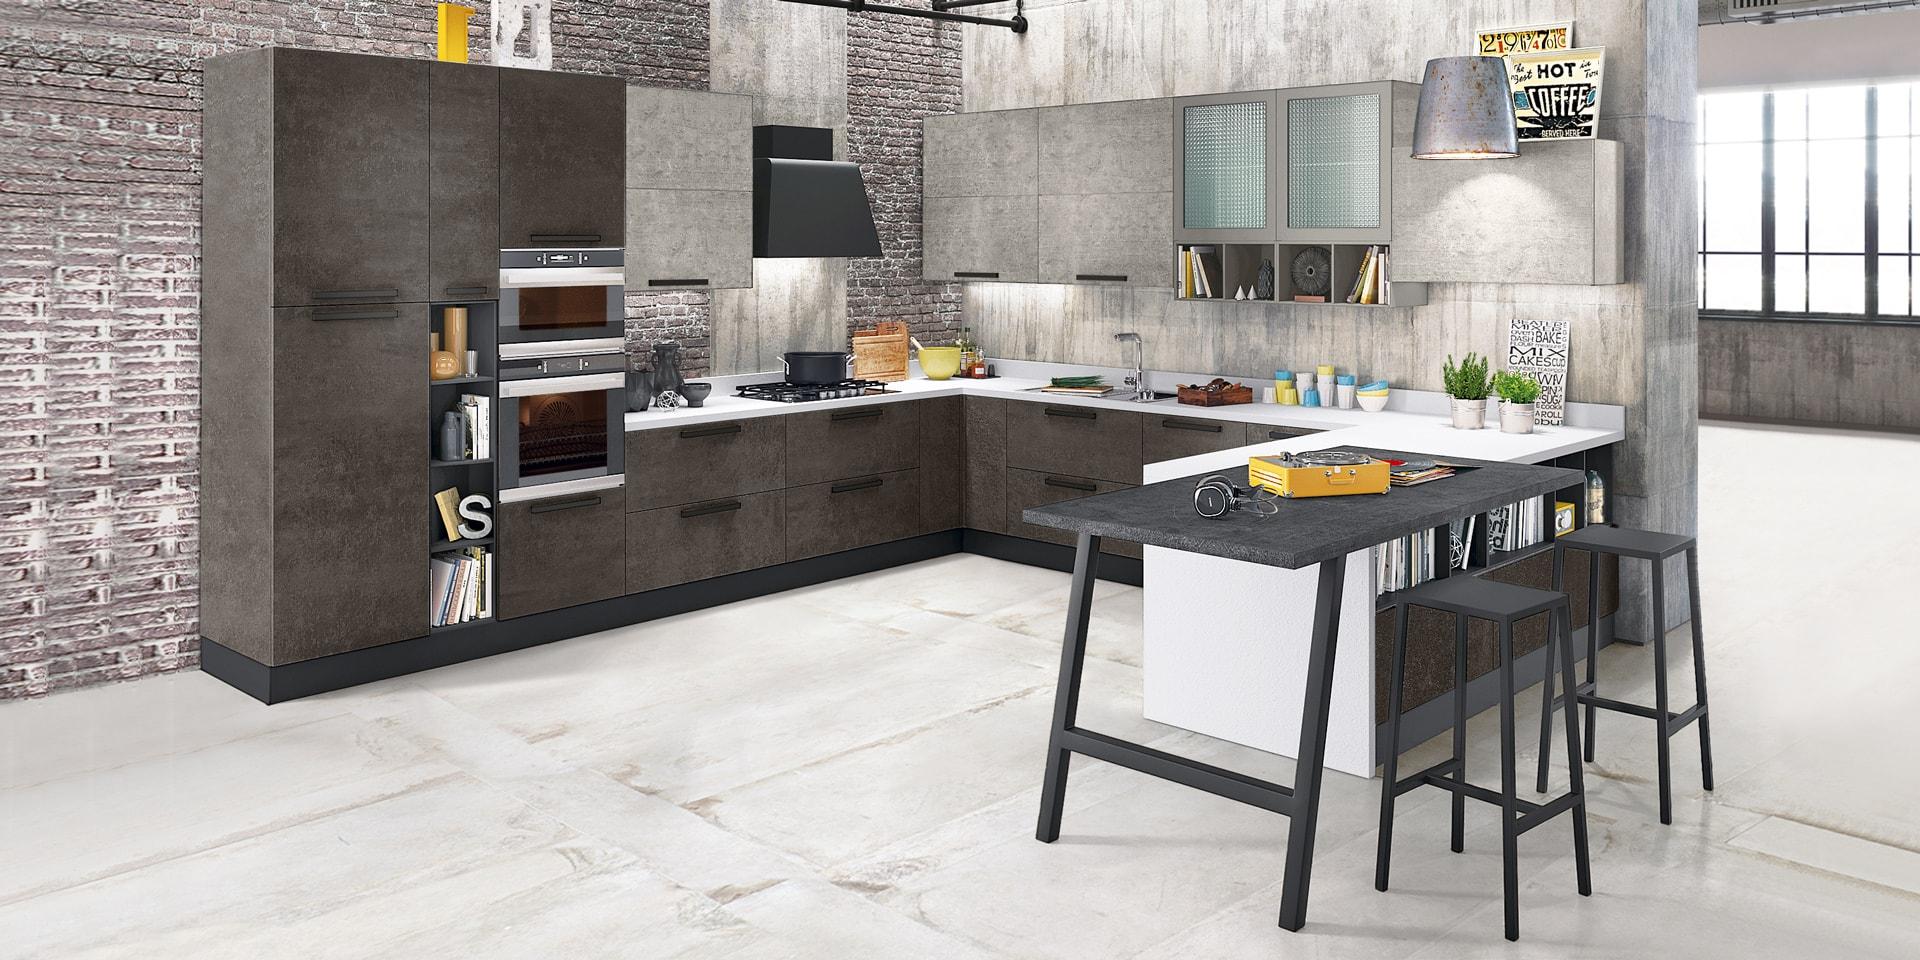 Cucine E Cucine Genova Ikea Mobiletto Bagno - Cucine E Arredi Genova ...